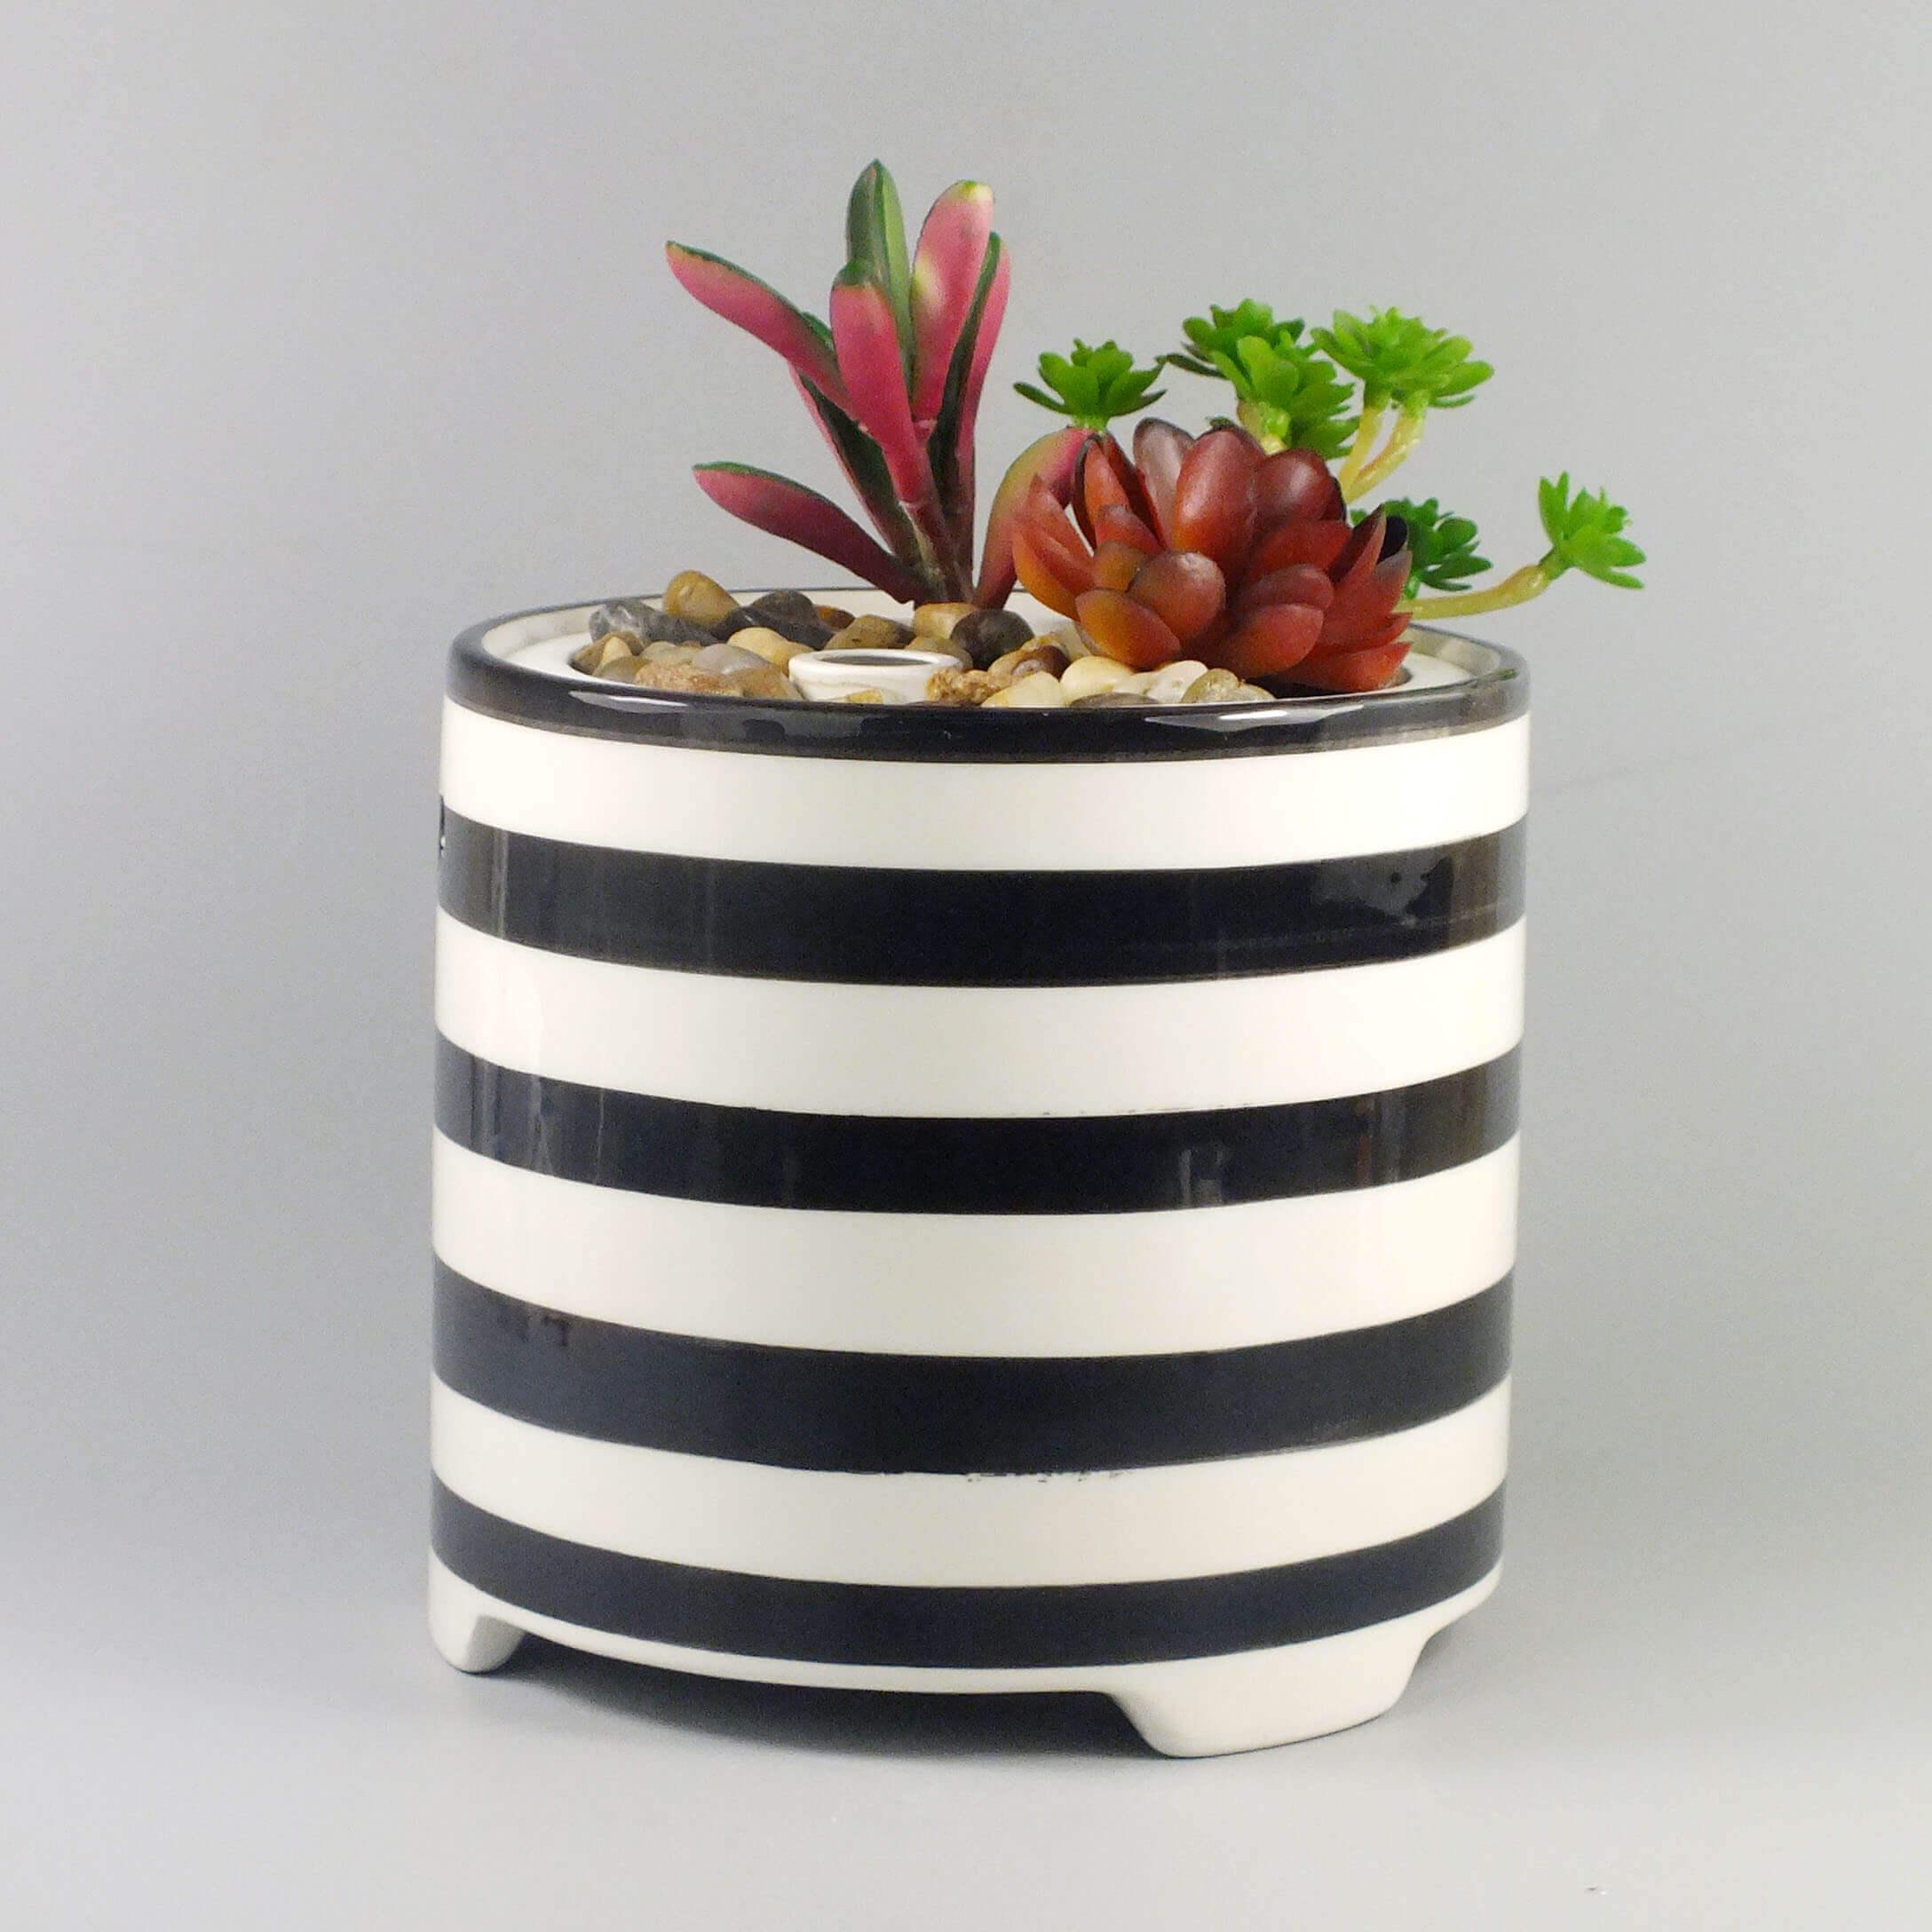 Pots-succulent-plant-aroma-diffuser-GLEA20106S-1